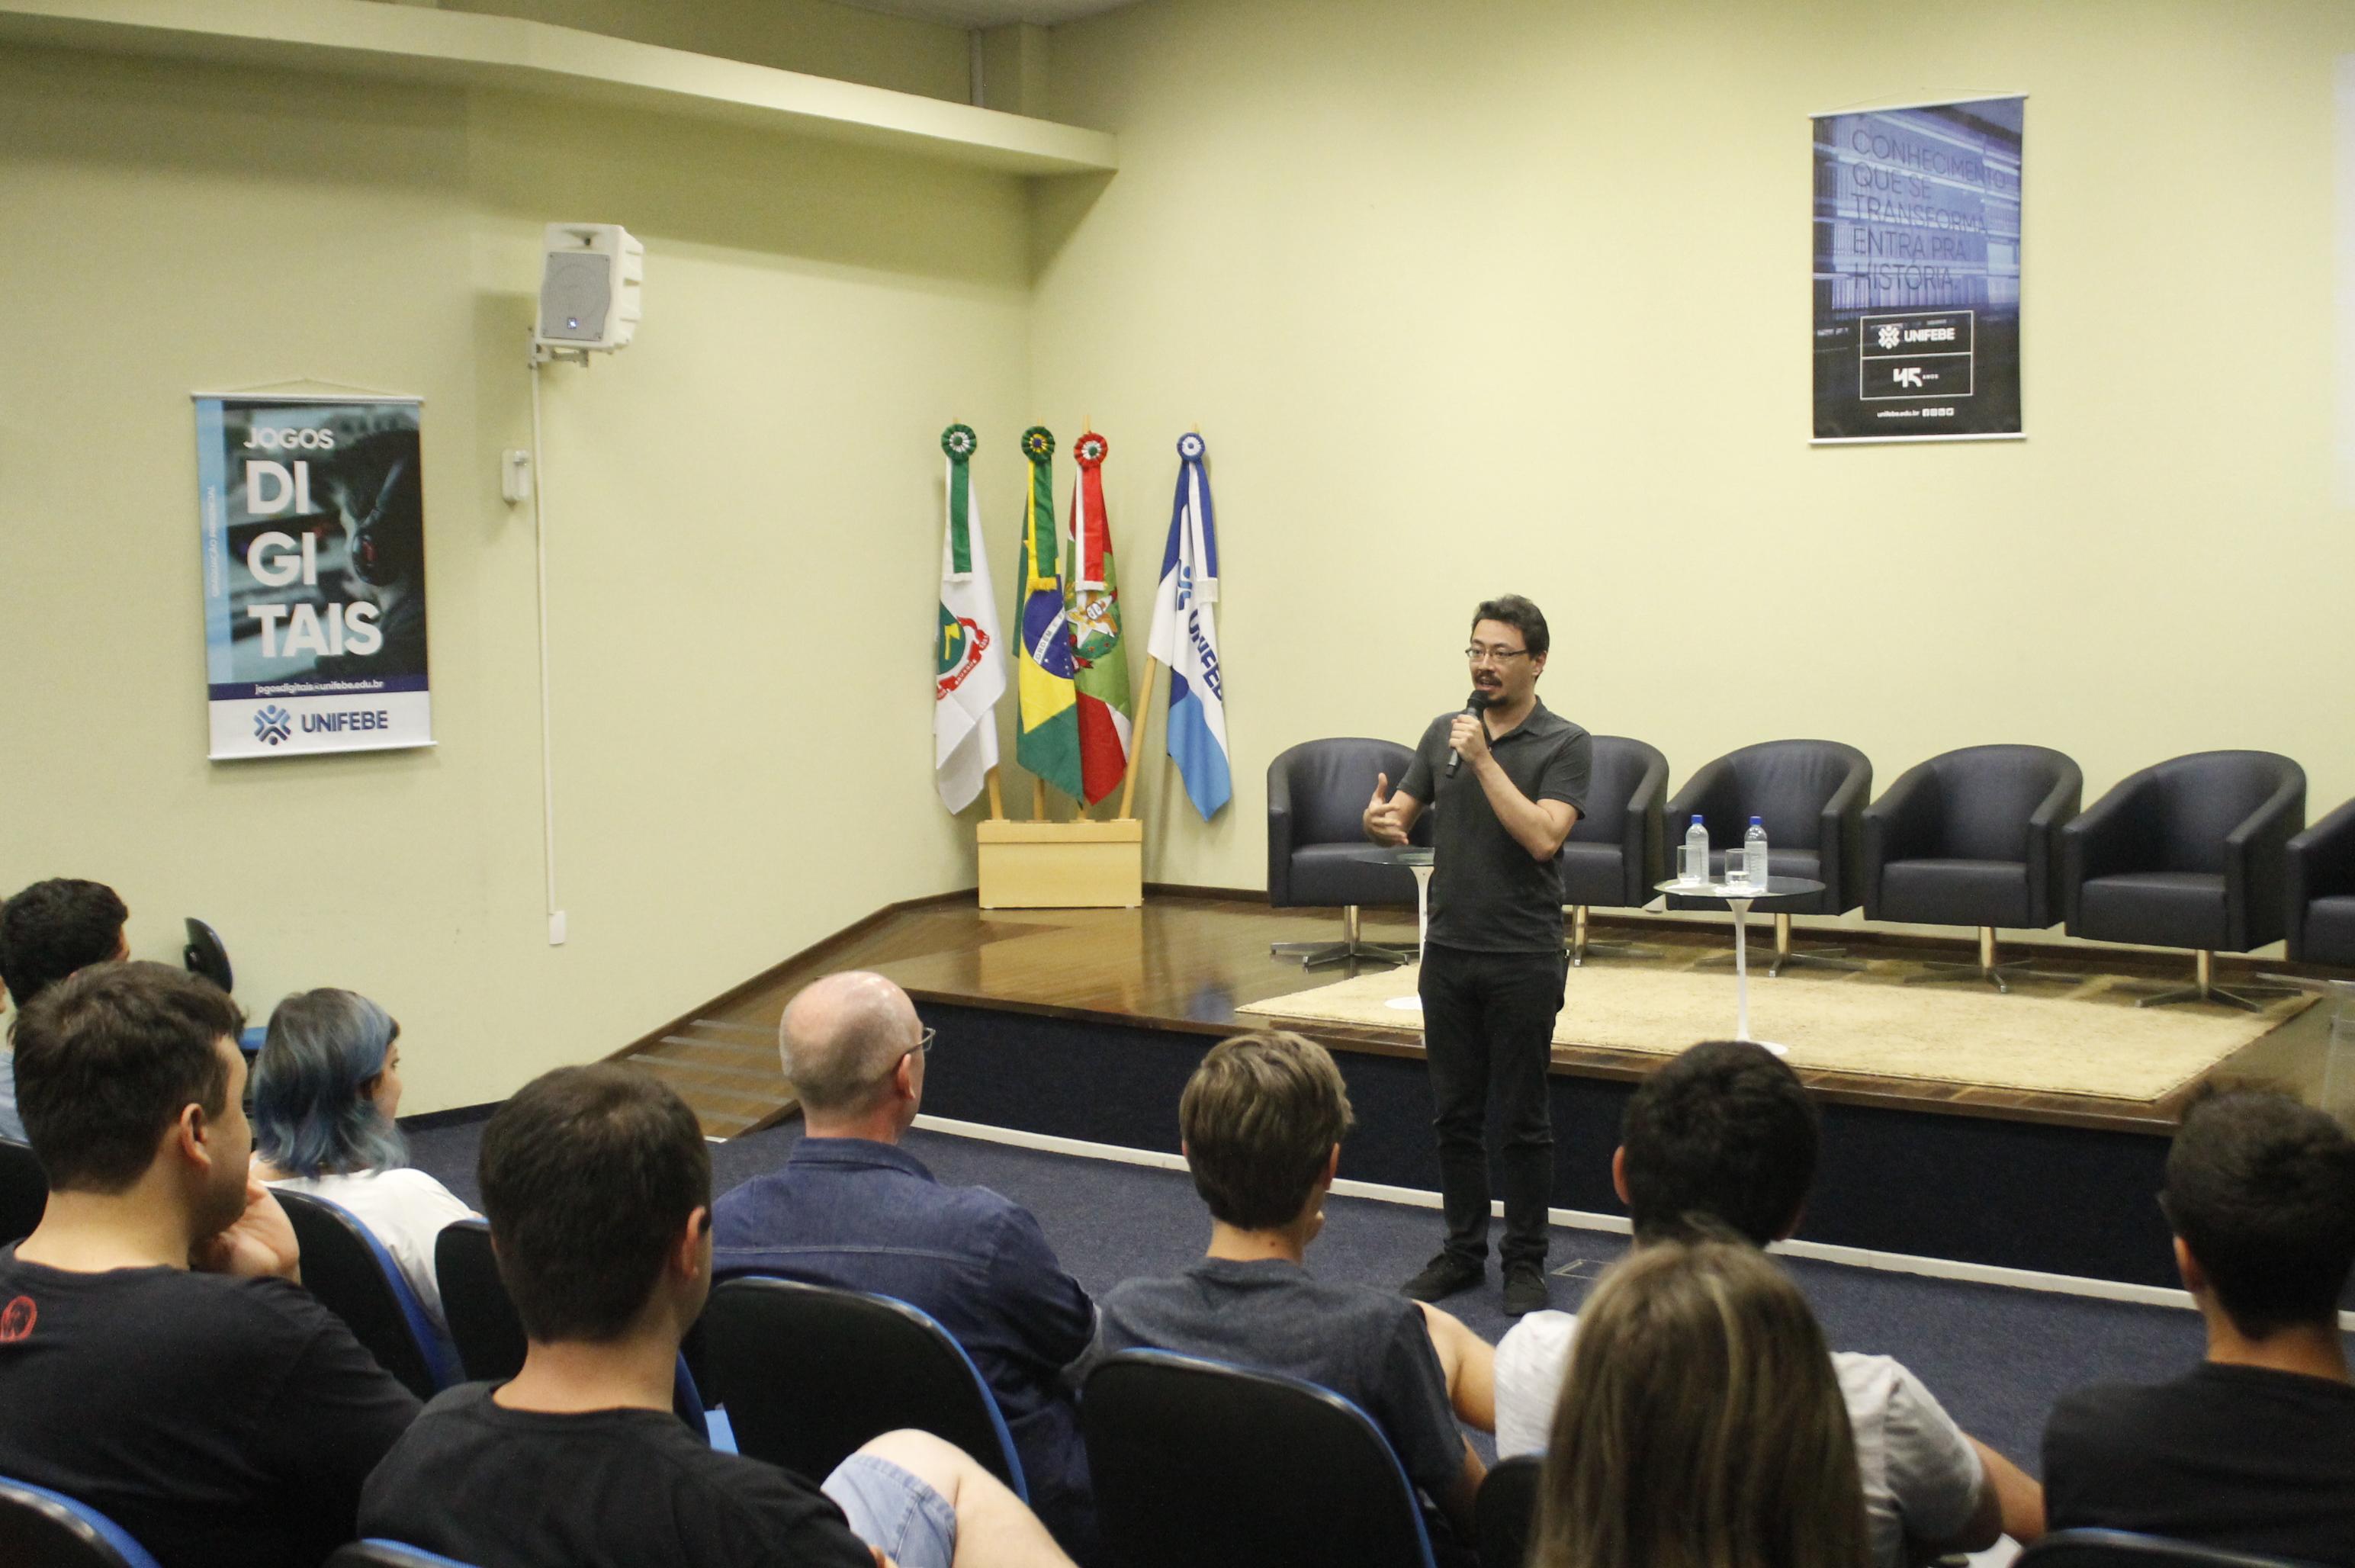 Mercado de Jogos Digitais é tema de palestra na UNIFEBE